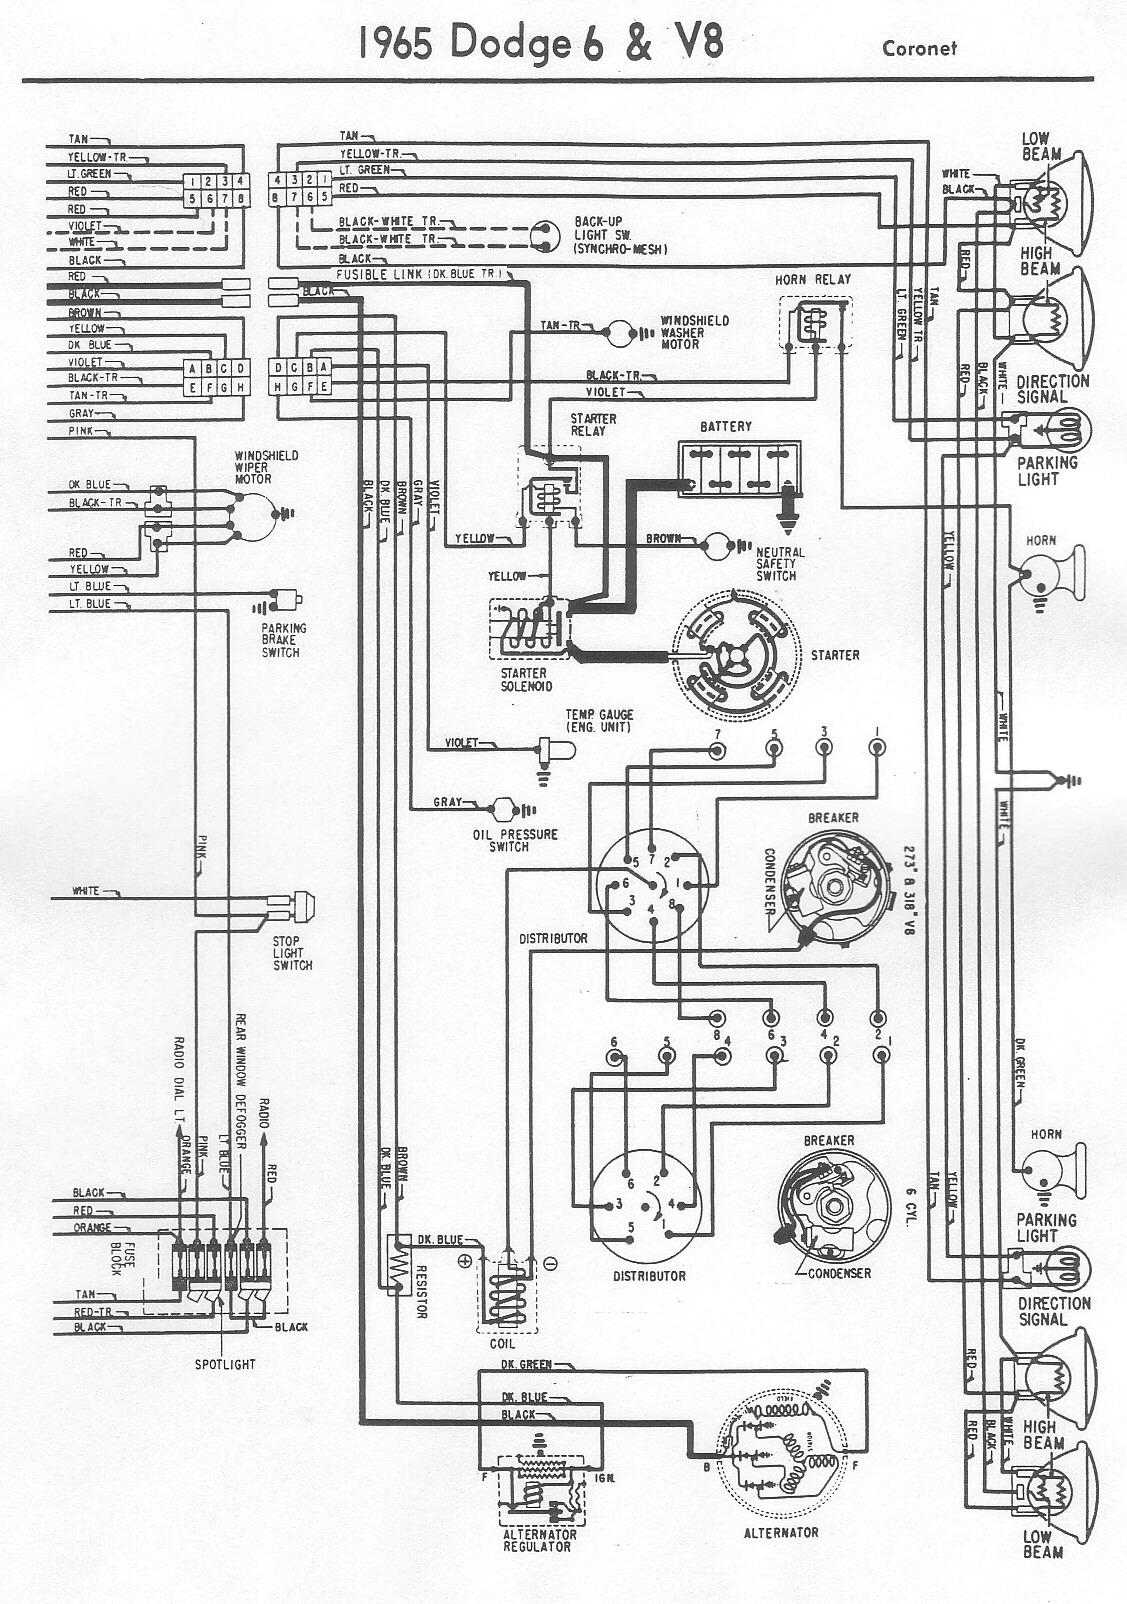 1966 dodge dart ignition wiring diagram